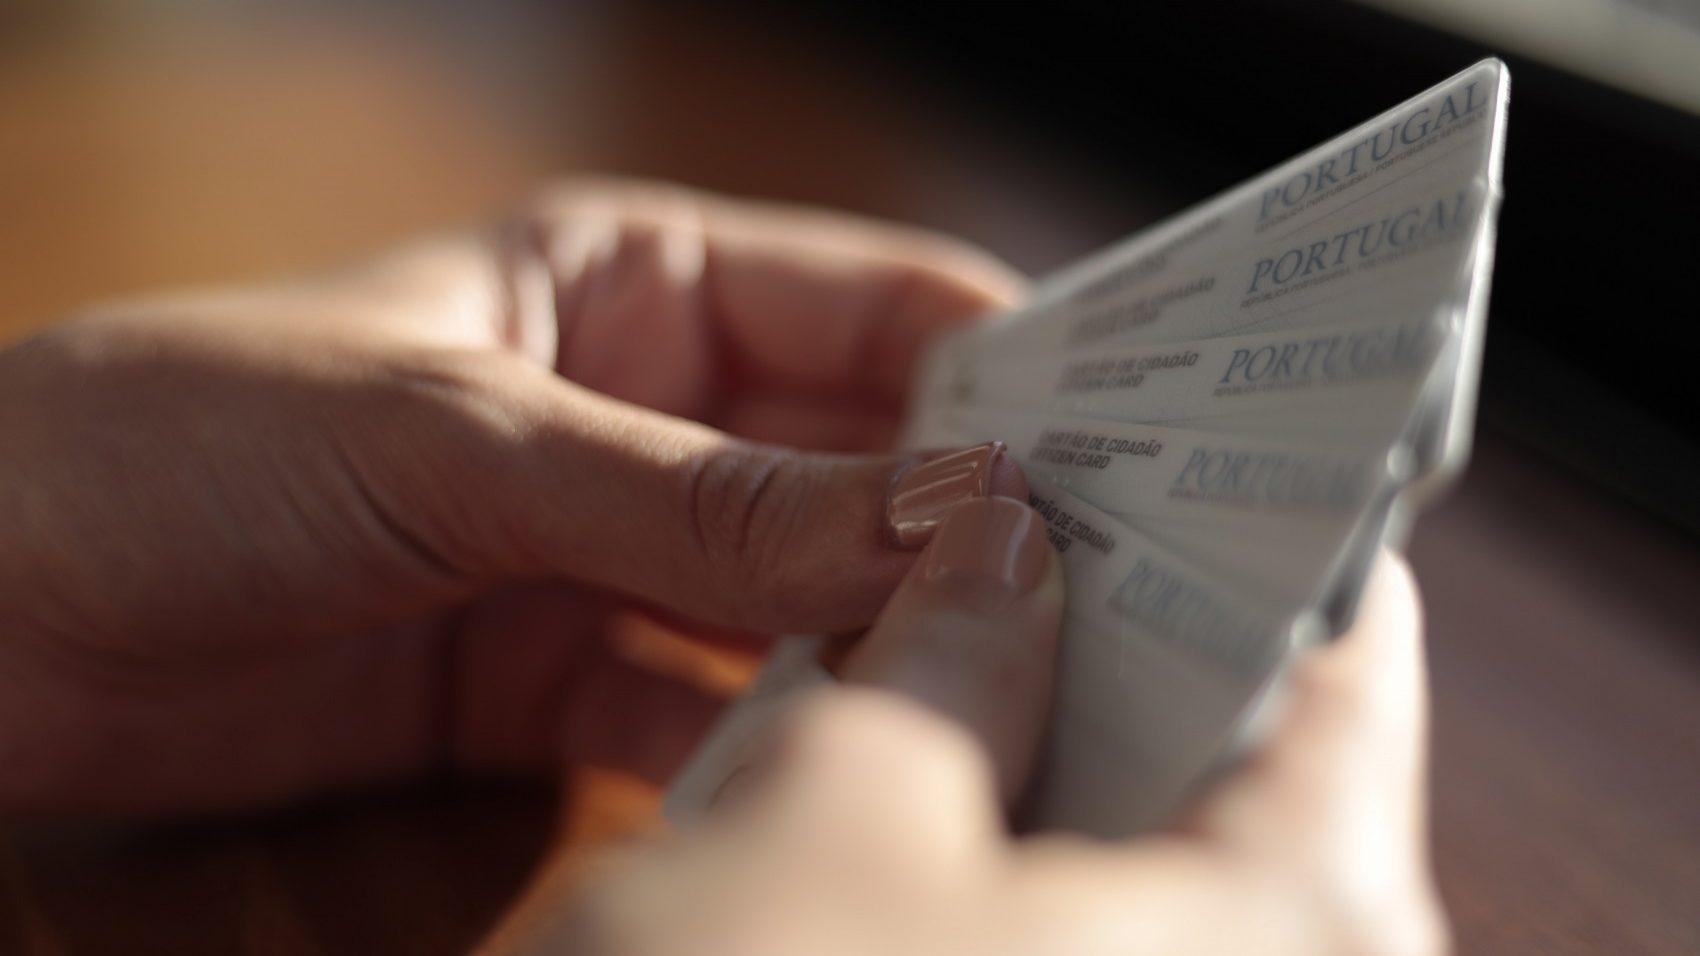 Precisa de renovar o cartão de cidadão? Nos Espaços do Cidadão bastam cinco minutos